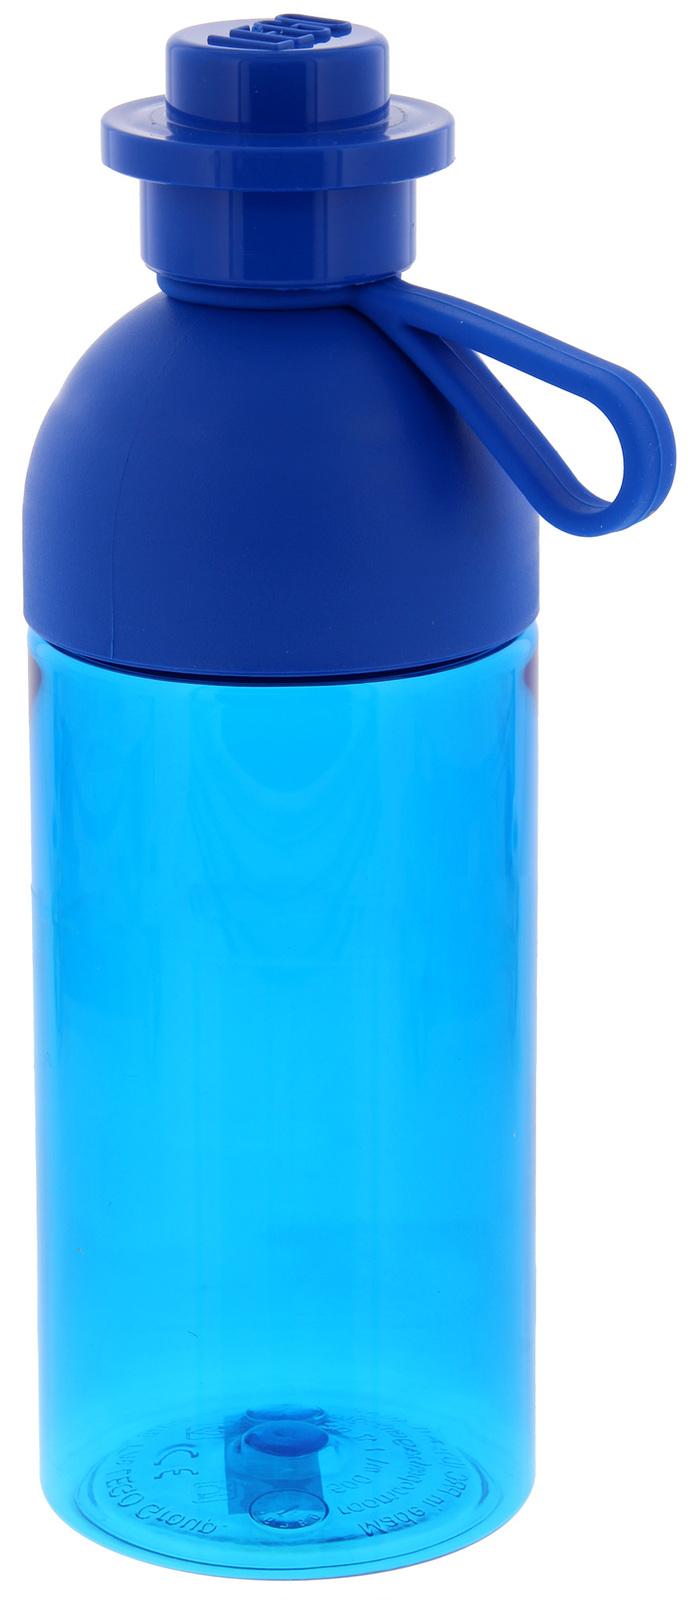 LEGO Hydration Bottle - Blue image